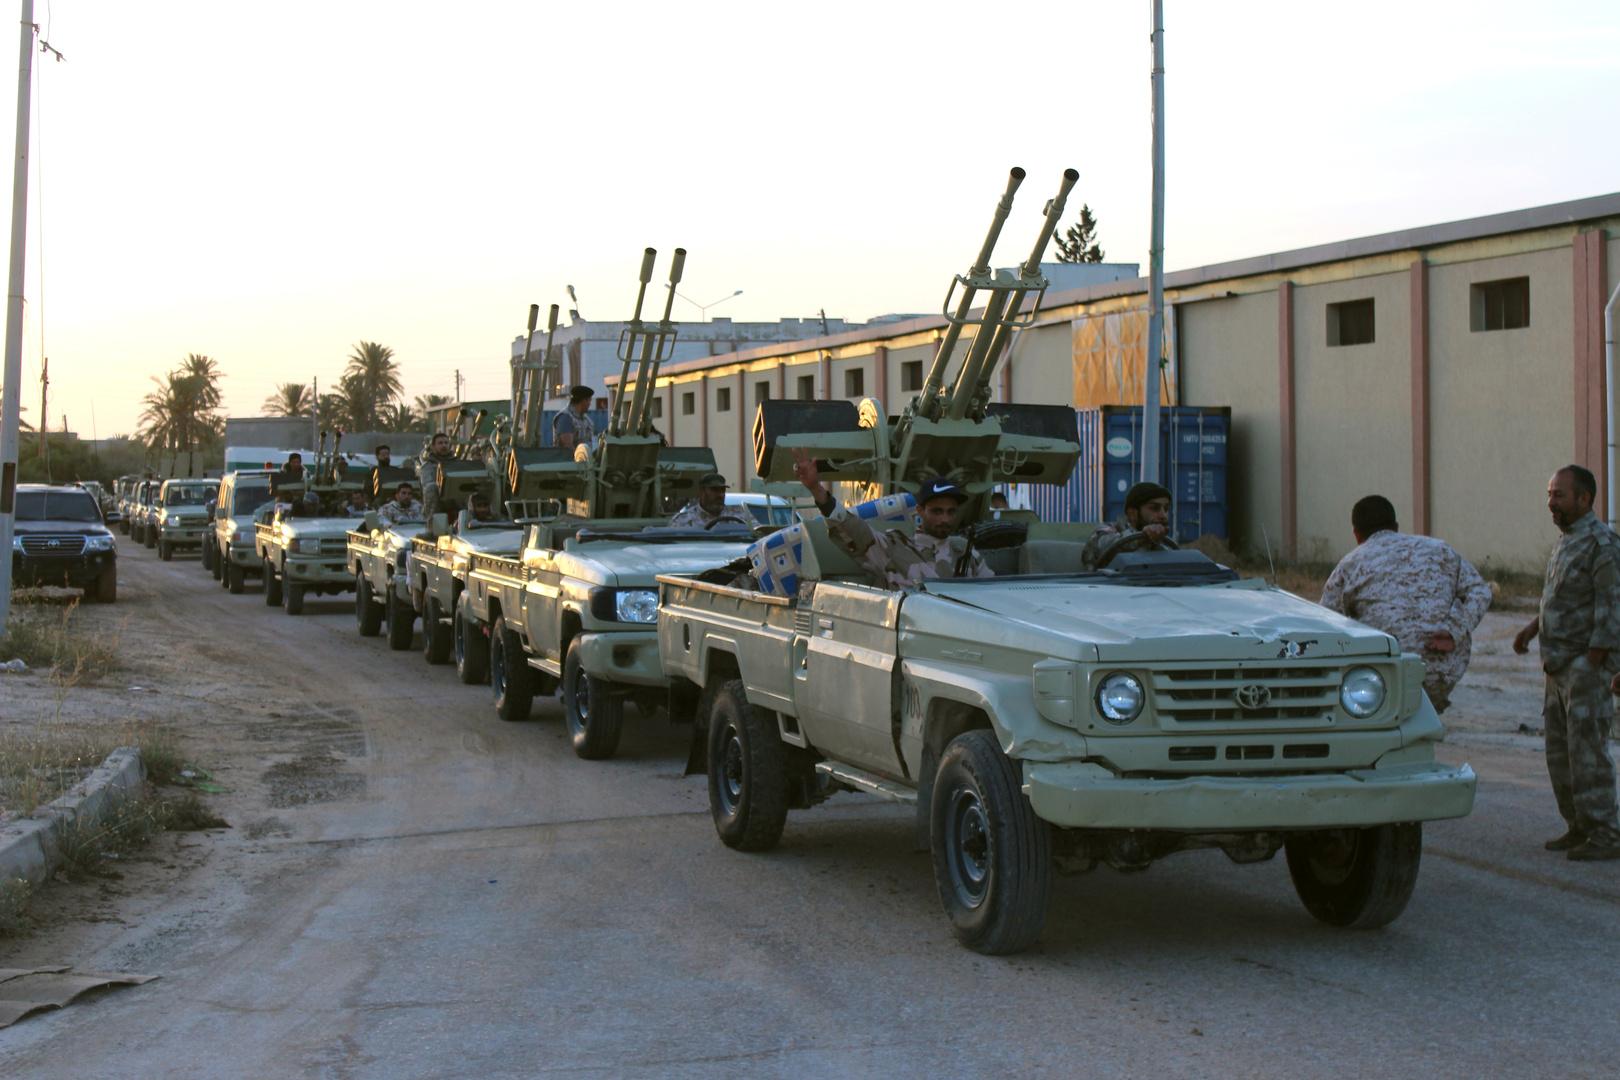 قوات حكومة الوفاق الليبية تطالب بملاحقة الدول الداعمة لحفتر وتصفها بـ